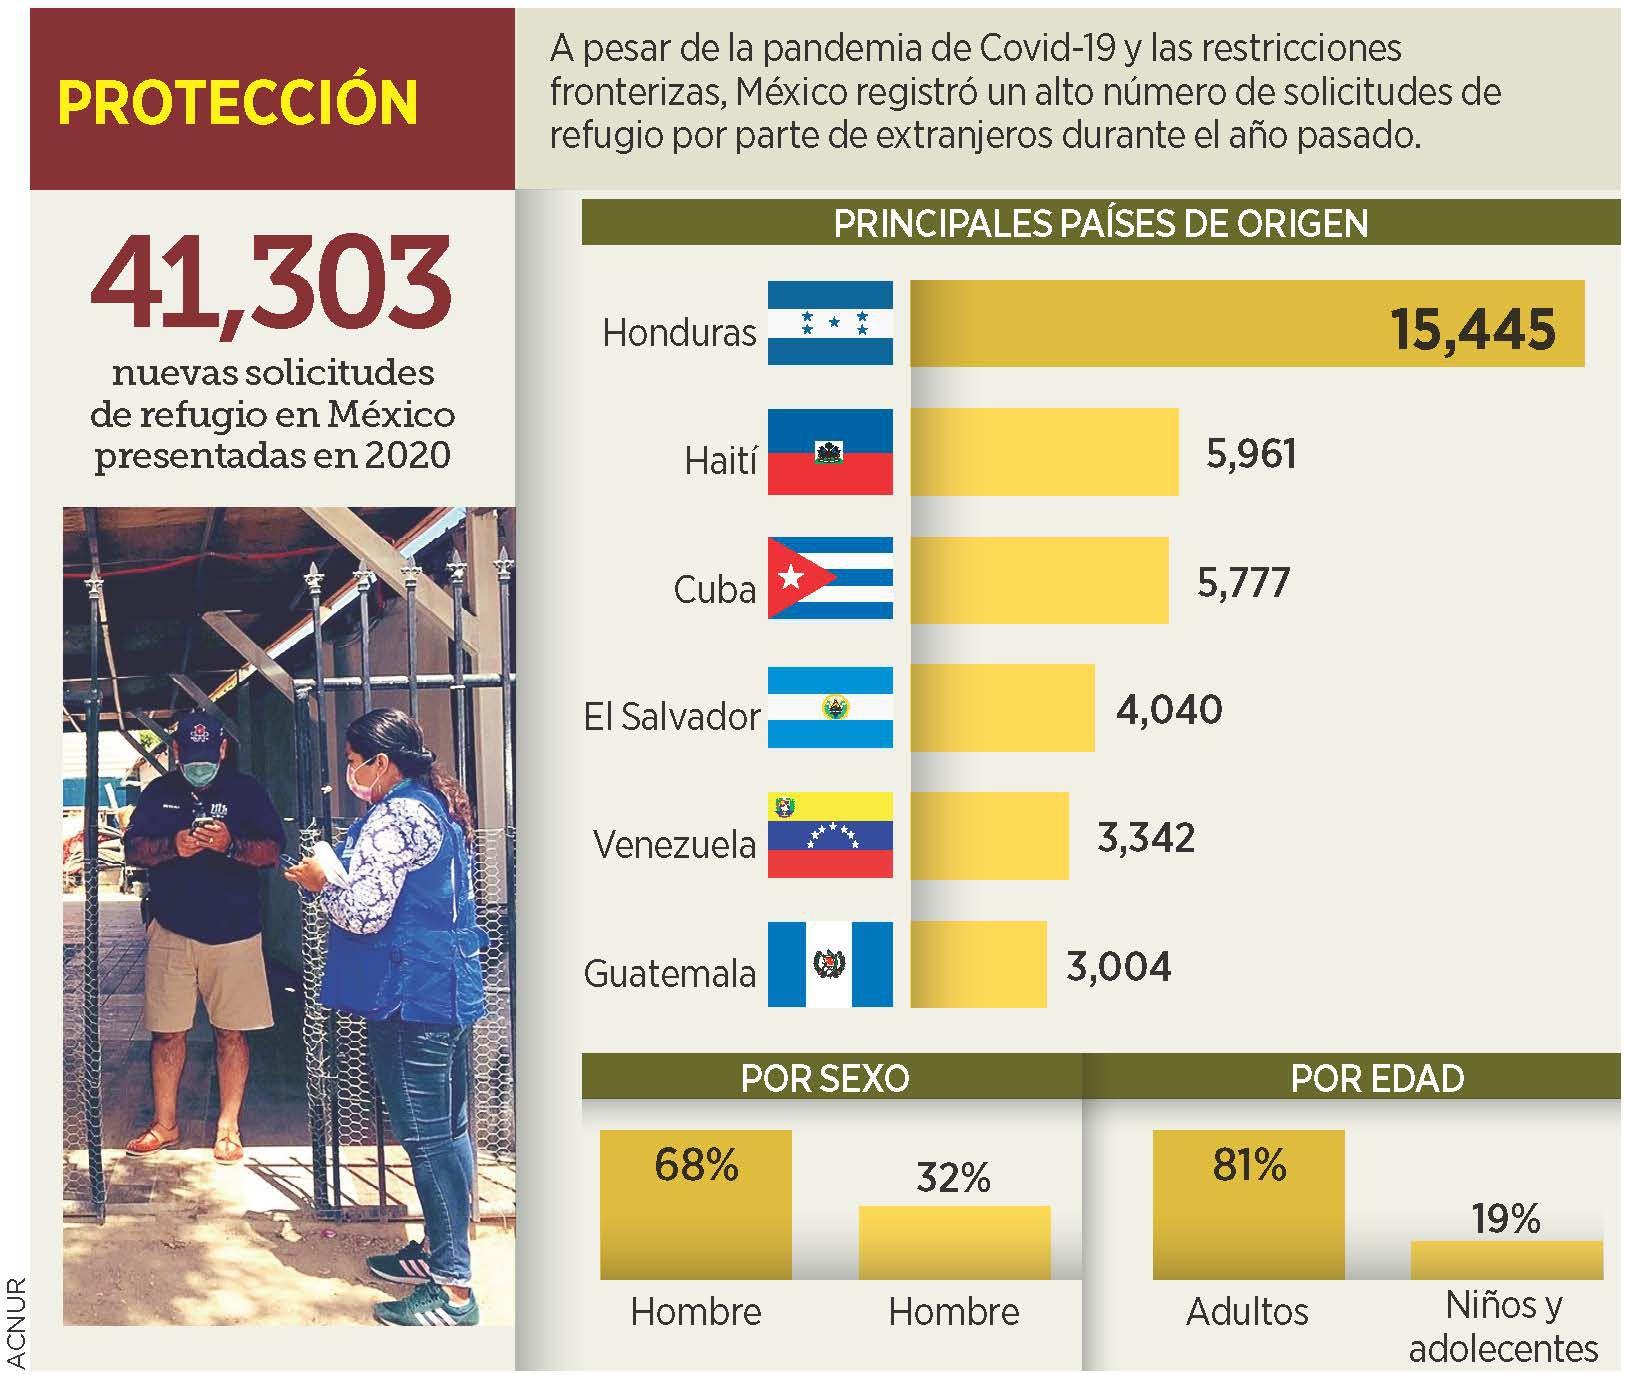 México registró un alto número de solicitudes de refugio por parte de extranjeros durante el 2020.